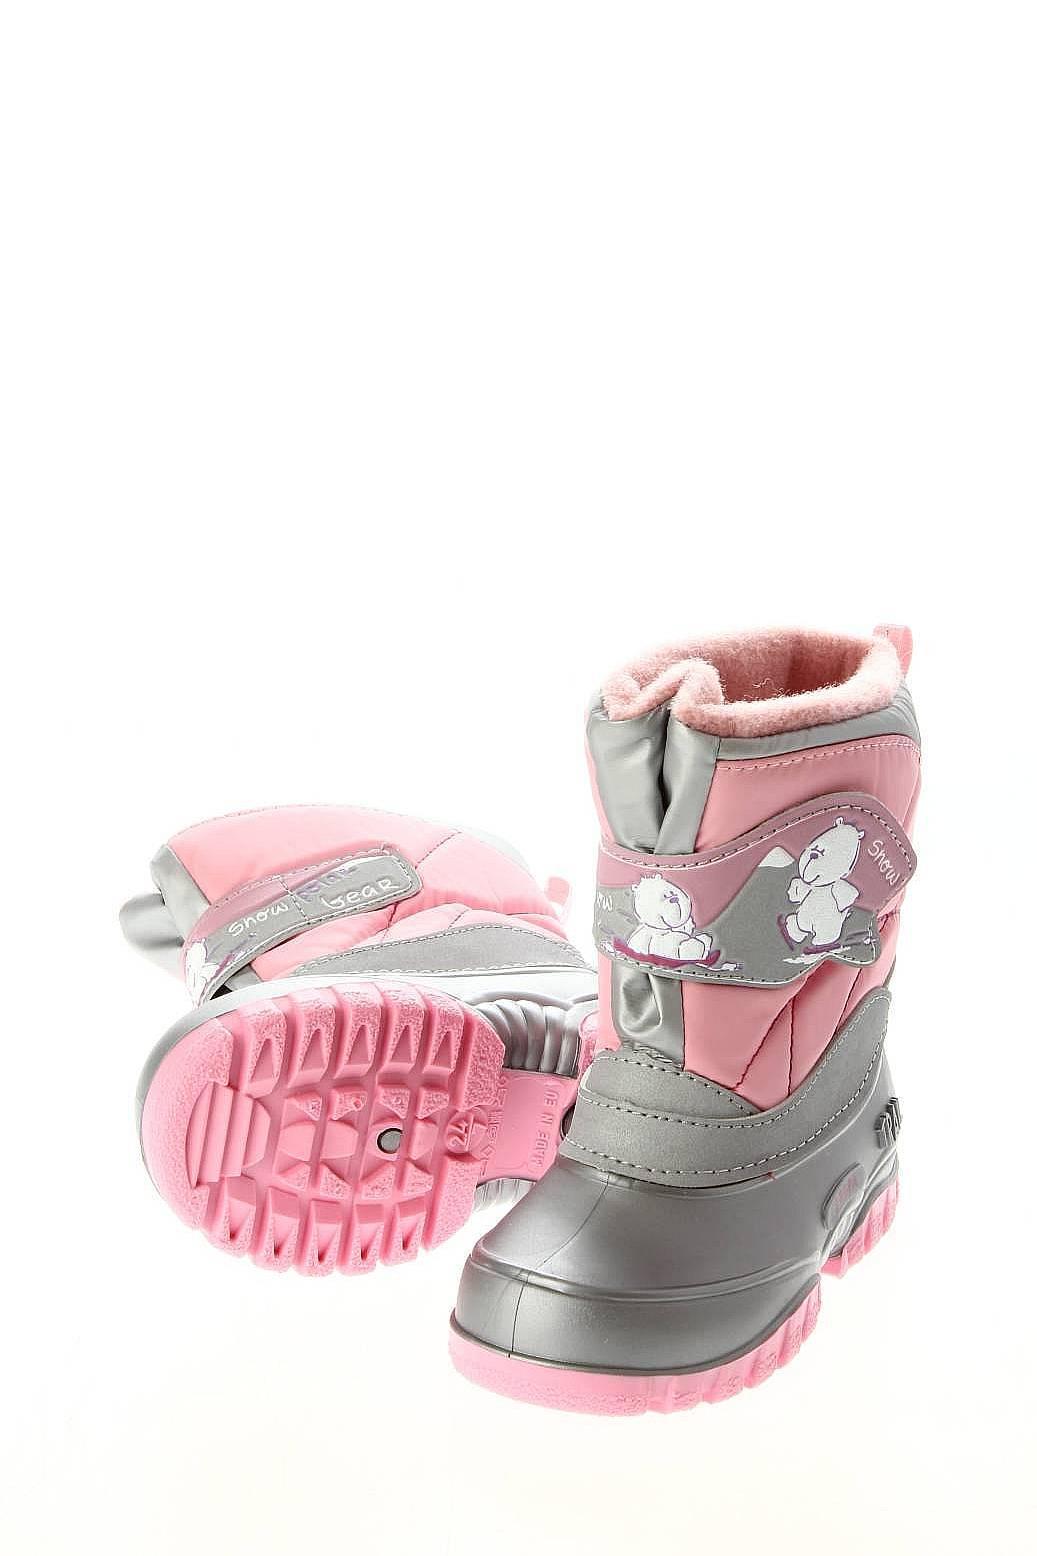 Мужская Обувь Детская Обувь Сноубутсы: Зебра Обувь